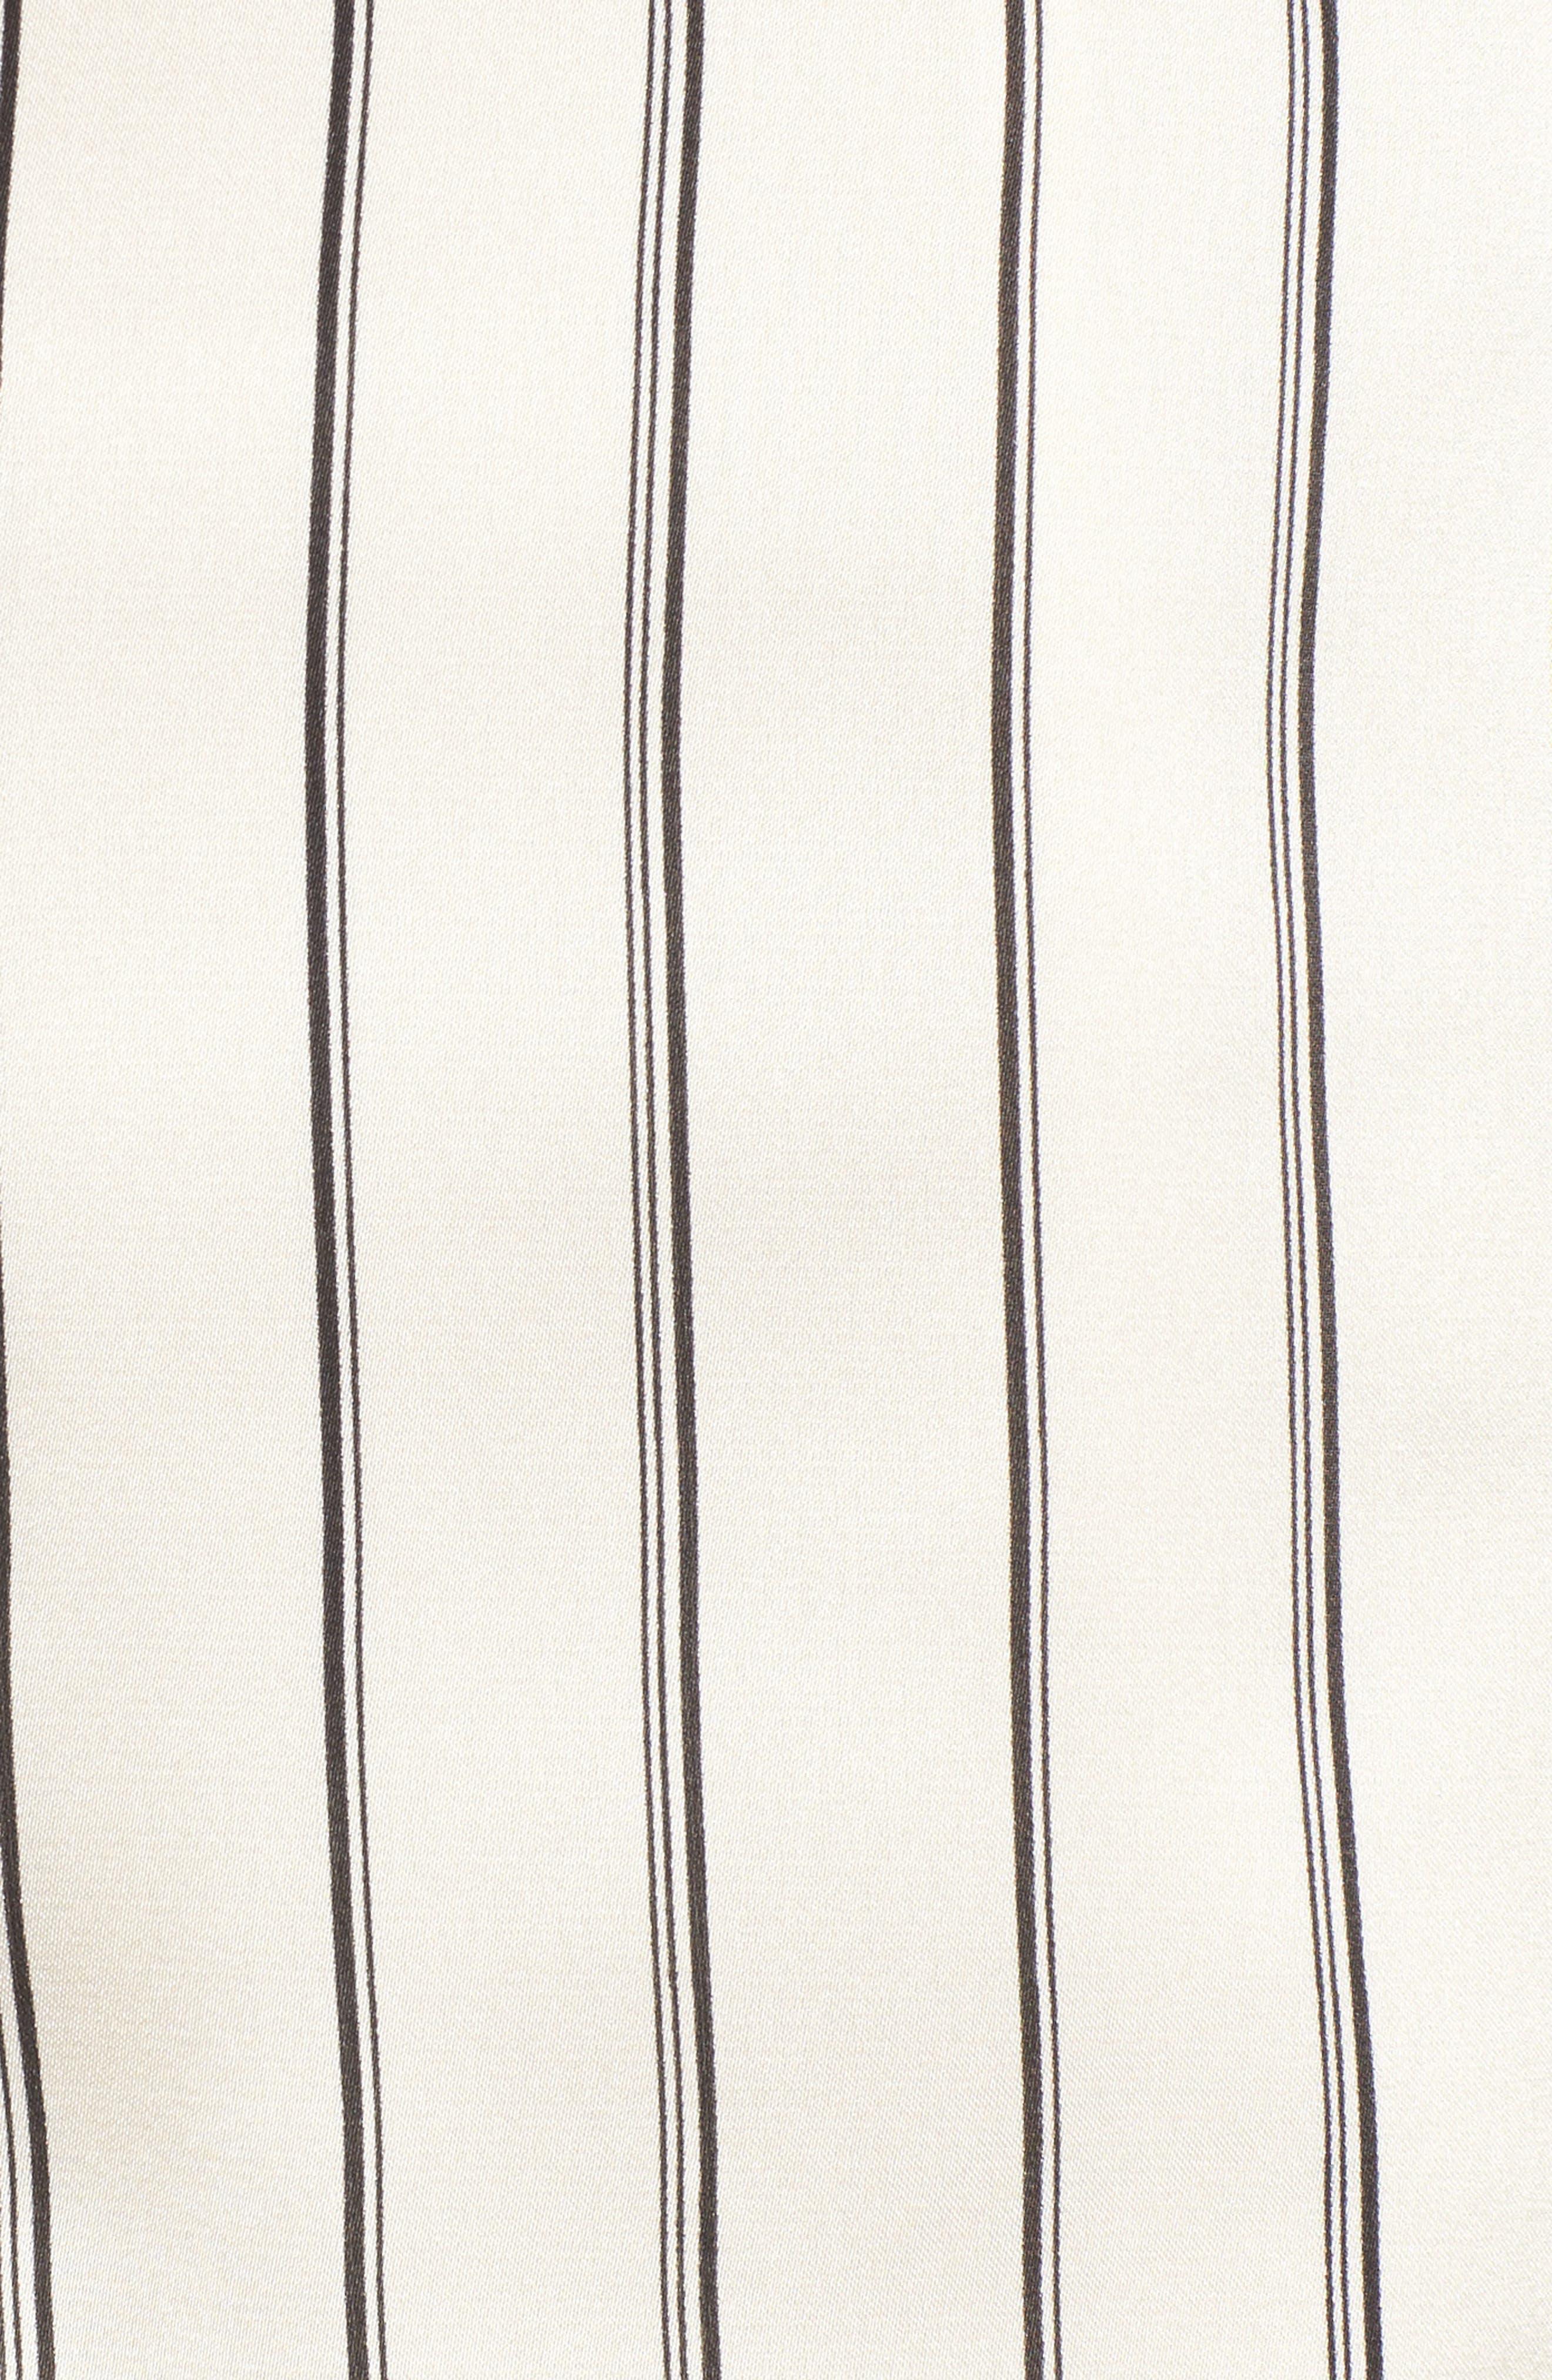 Satin Crop Blouse,                             Alternate thumbnail 5, color,                             902